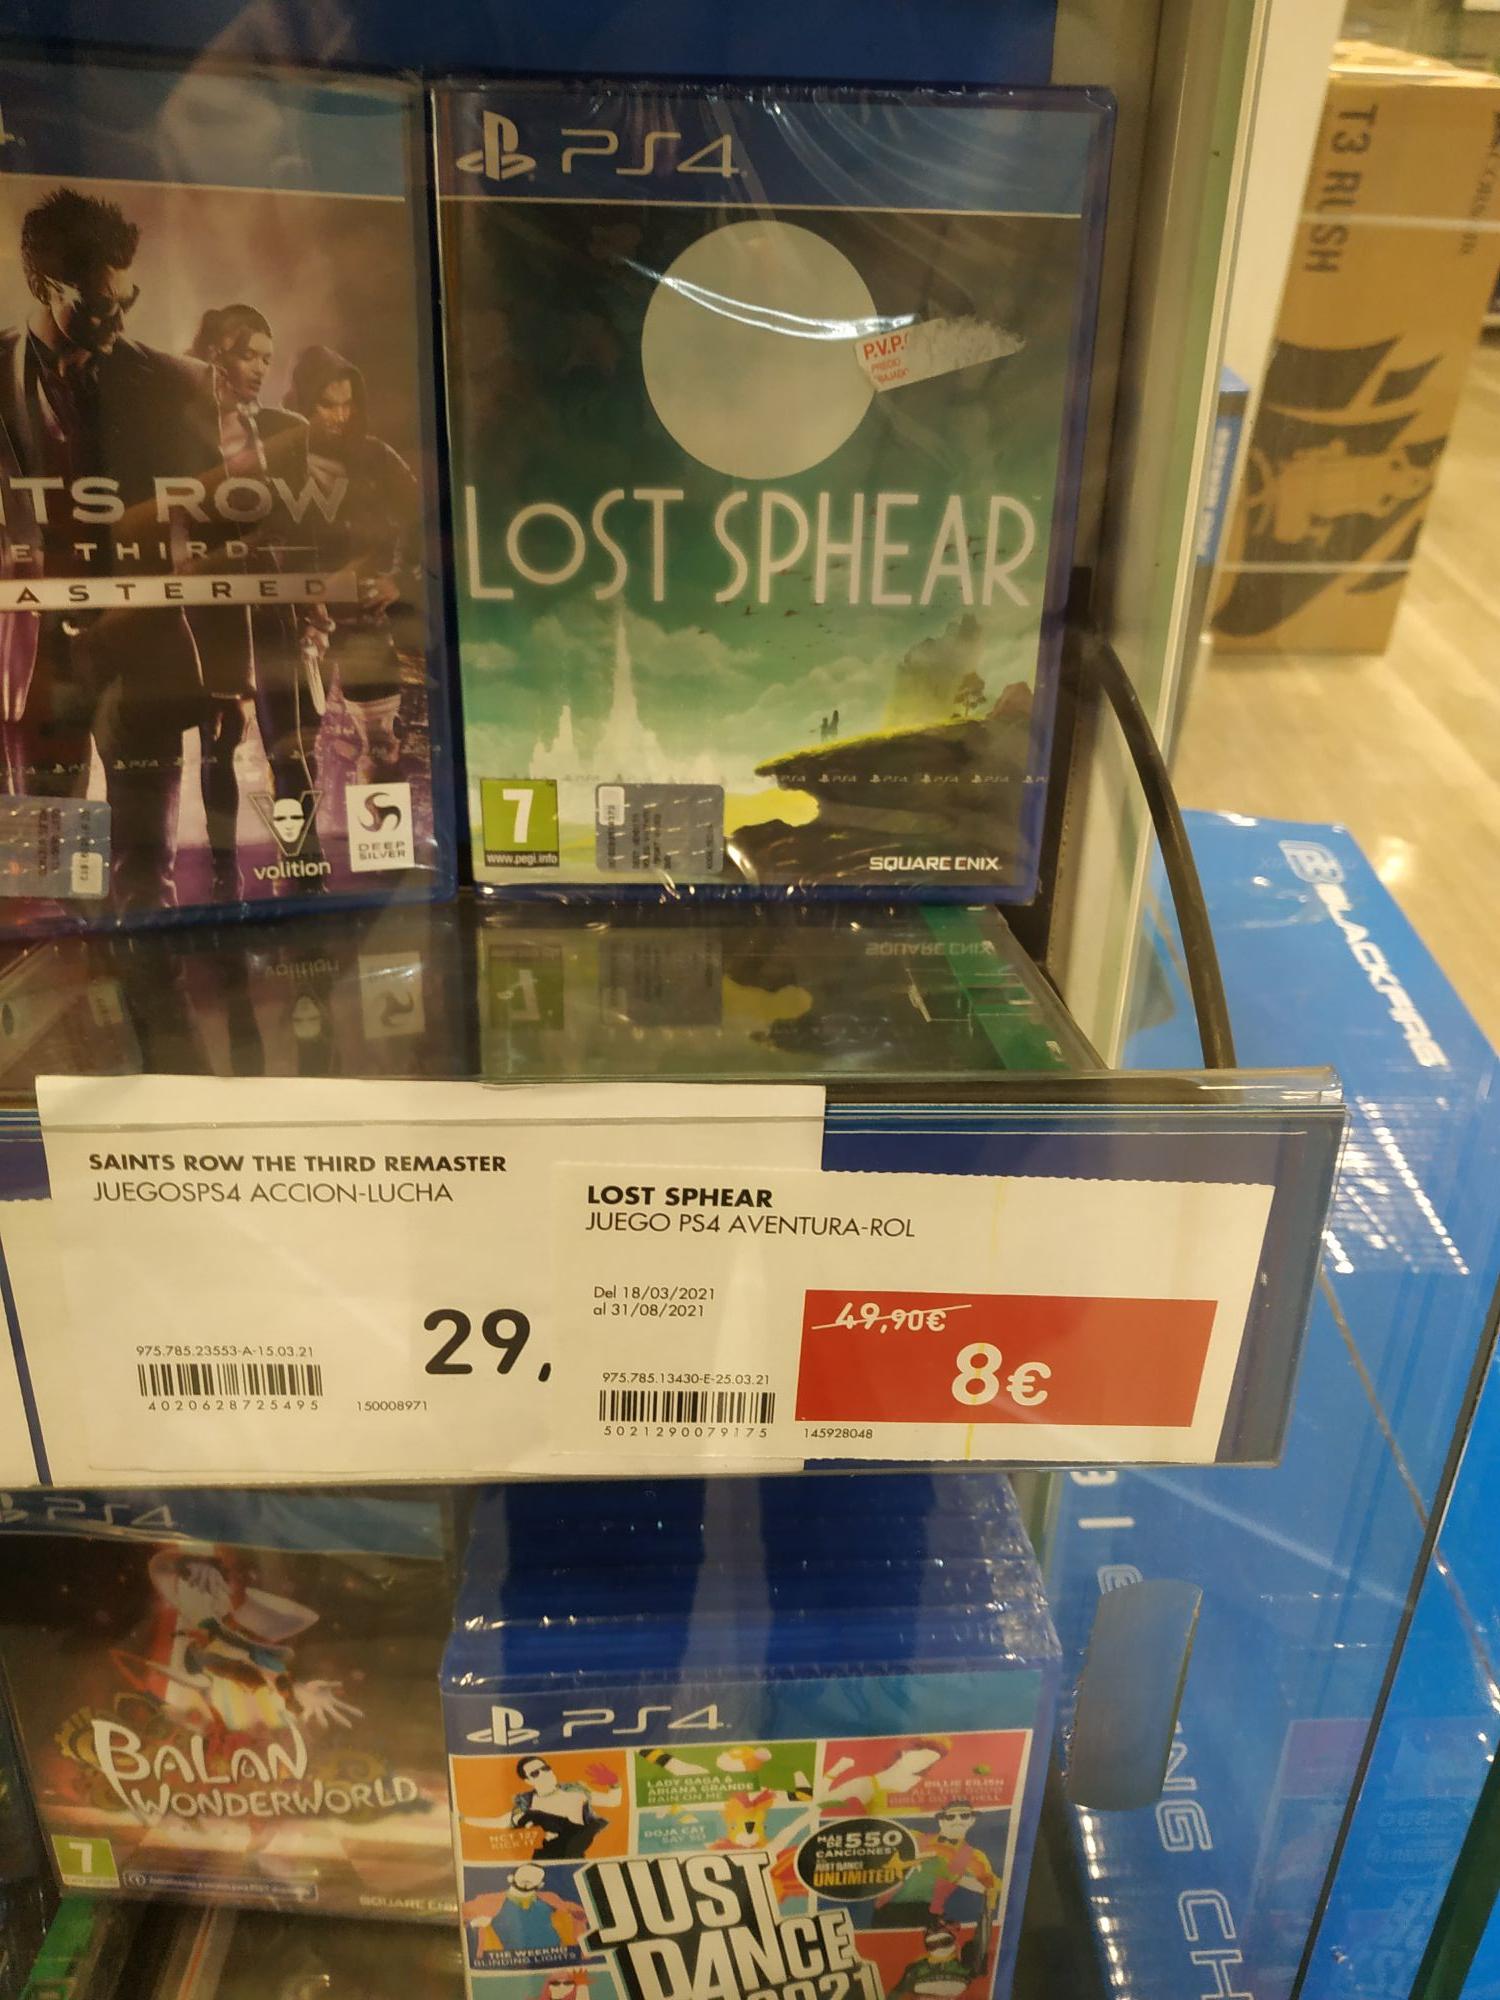 Lost Sphear PS4 (entre otros) a 8€ en ECI Madrid- Callao